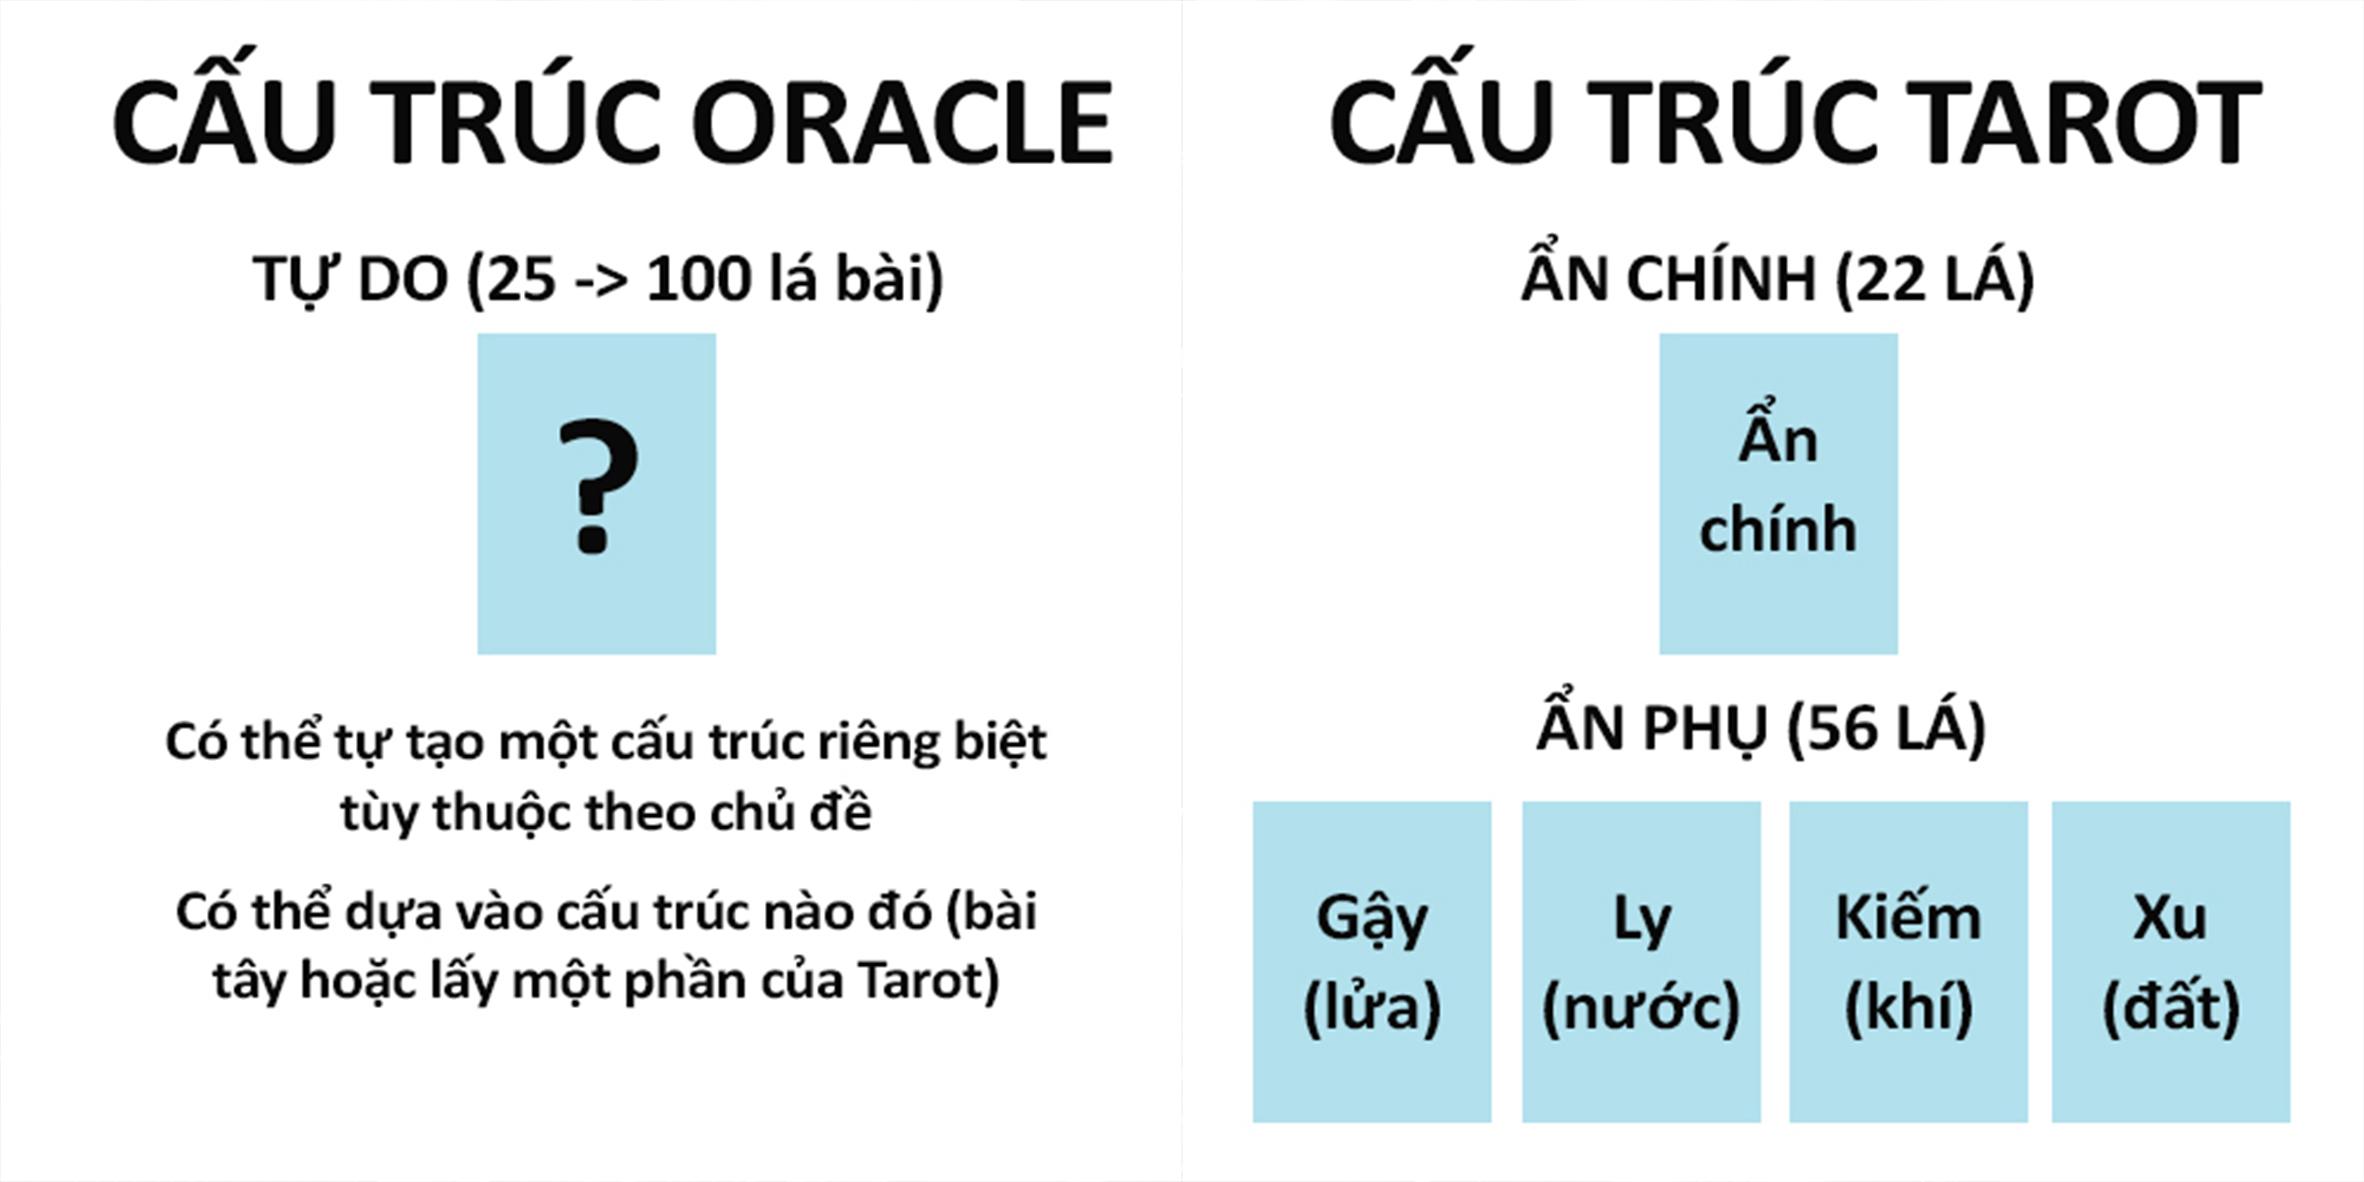 Bài Oracle thì không có một hệ thống nhất định, hệ thống đó có thể tự tạo hoặc tự quy định theo người làm ra bộ bài Oracle đó